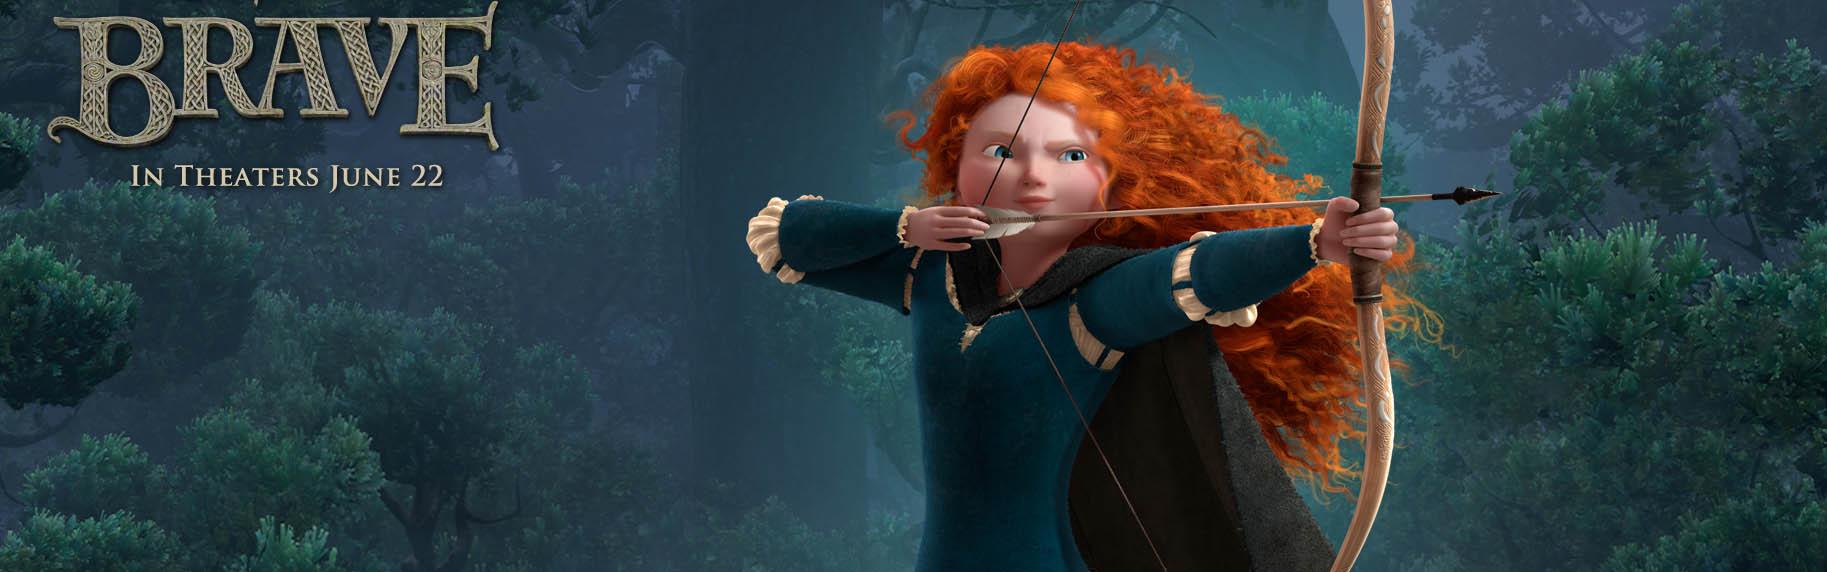 Alumni Work on Pixar's Brave